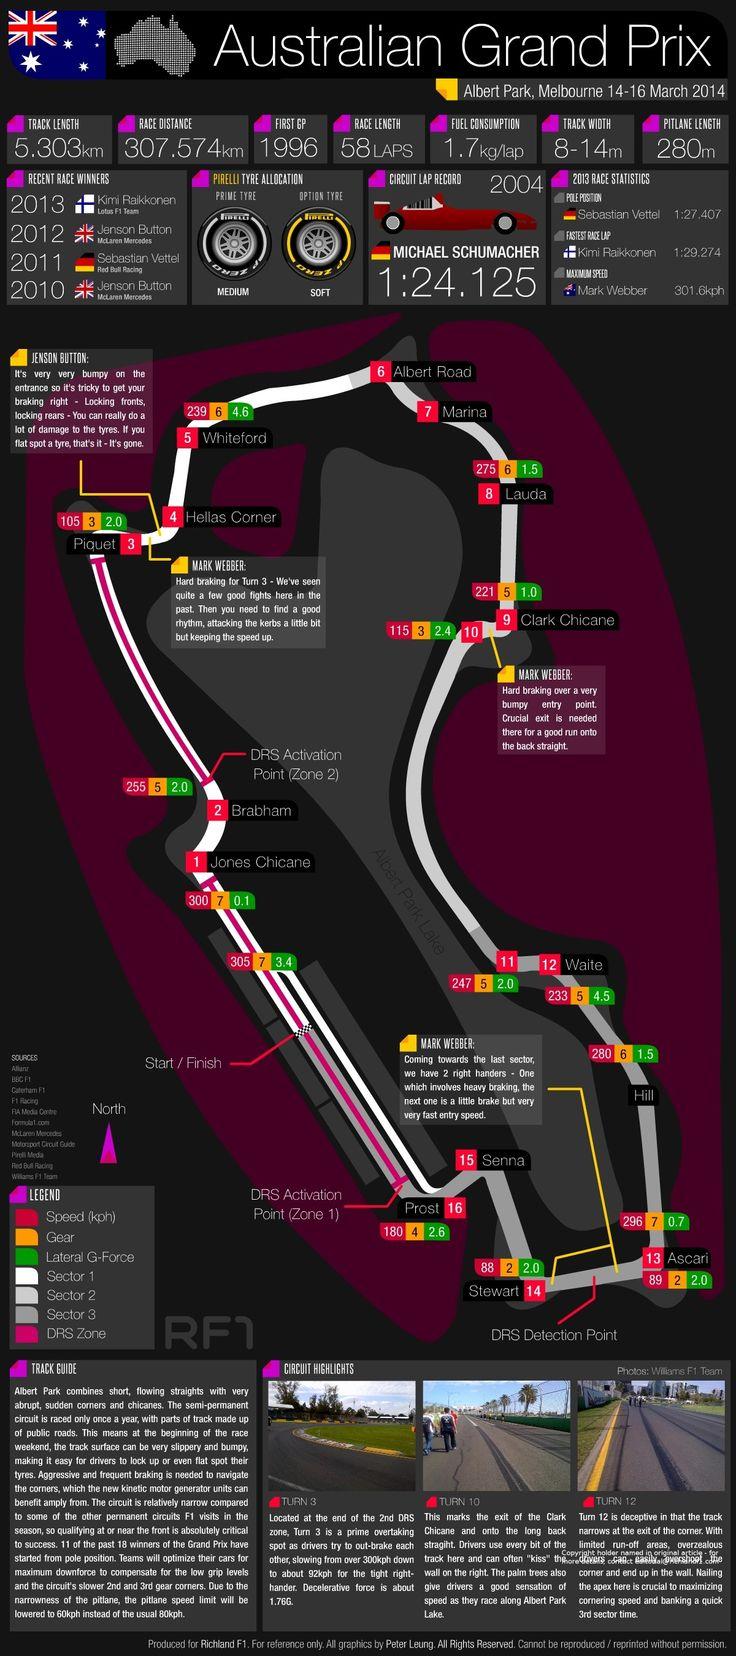 ♠ Grand Prix Guide - 2014 Australian Grand Prix #F1 #Infographic #Data